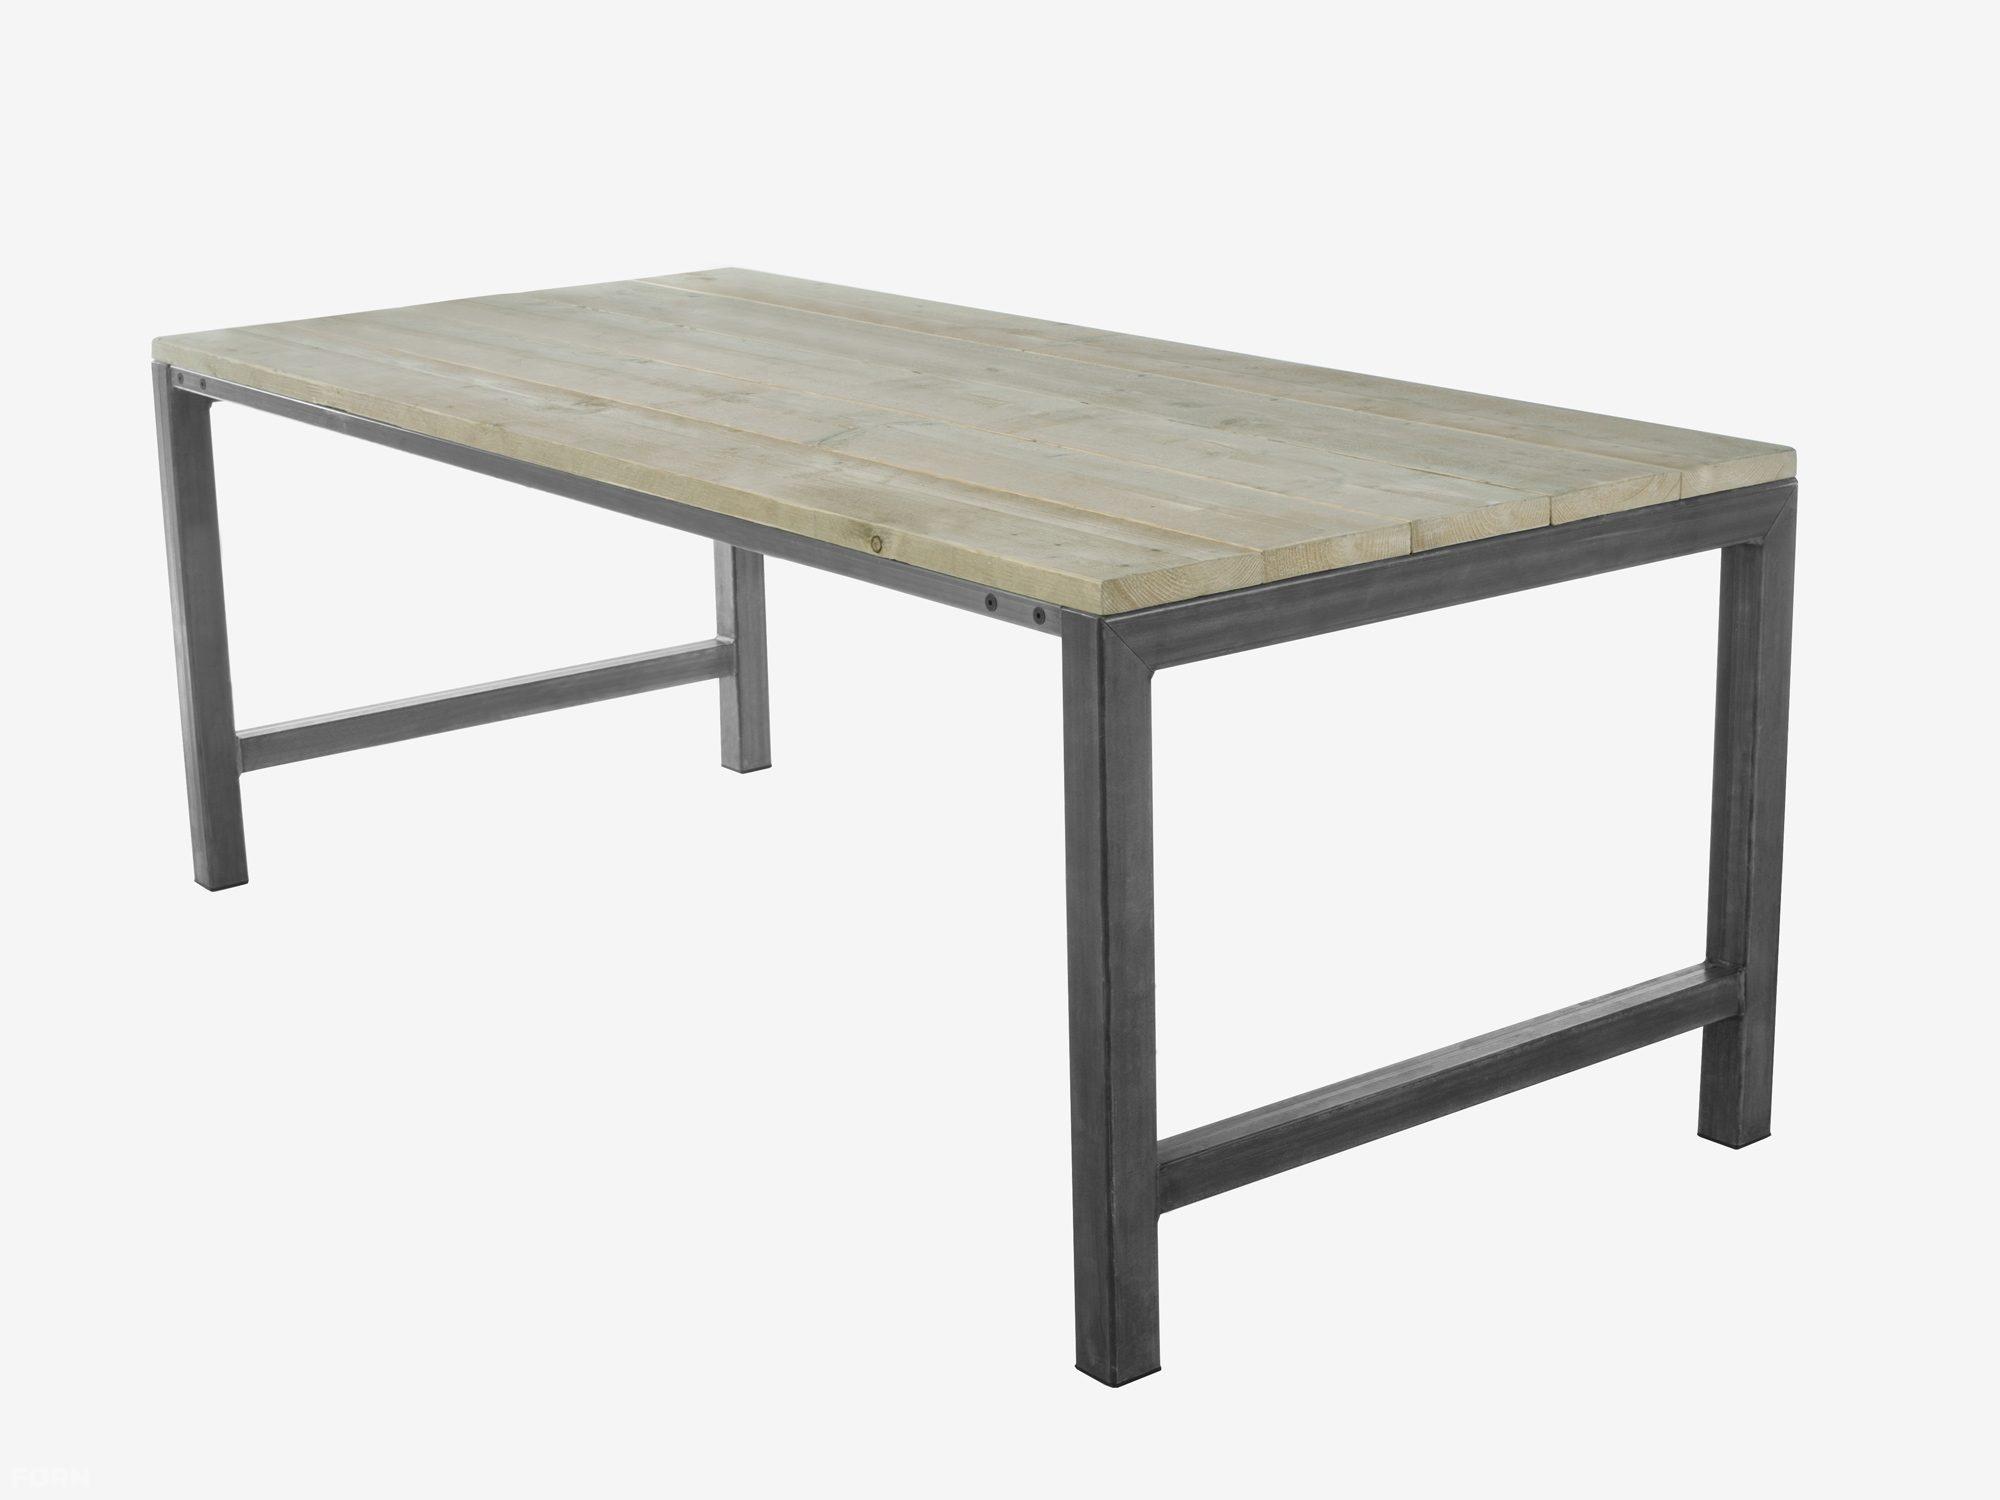 Industriele Tafel Goedkoop : Industriële eettafel met steigerhout en stalen poten olivia met of